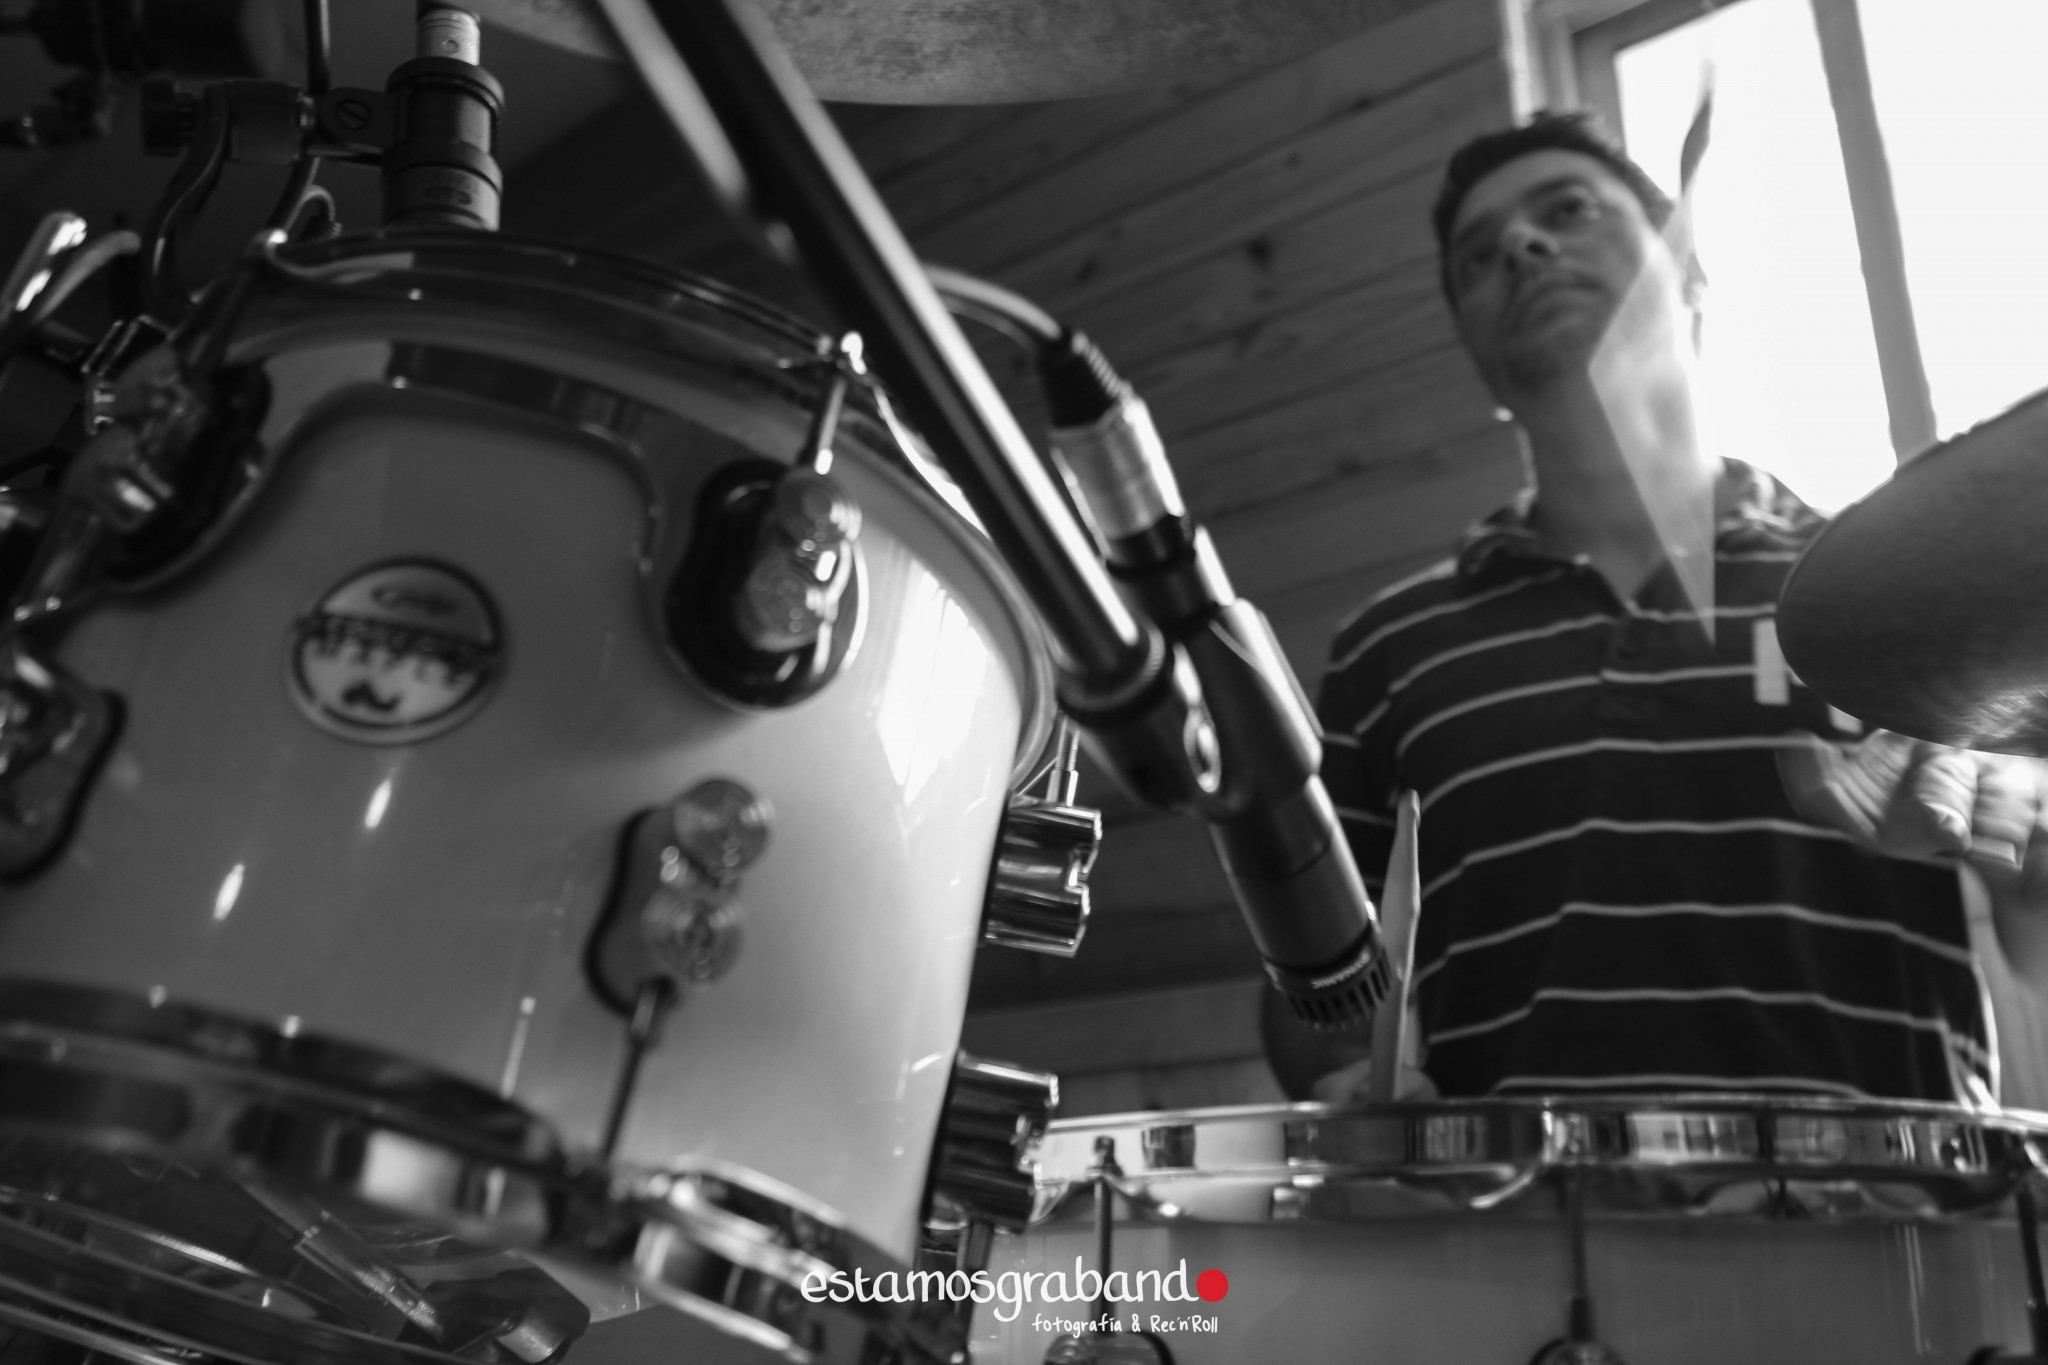 fernando-lamdrid-y-rick-arencibia-8 Mollete express  [Fernando Lamadrid & Rick Arencibia] - video boda cadiz